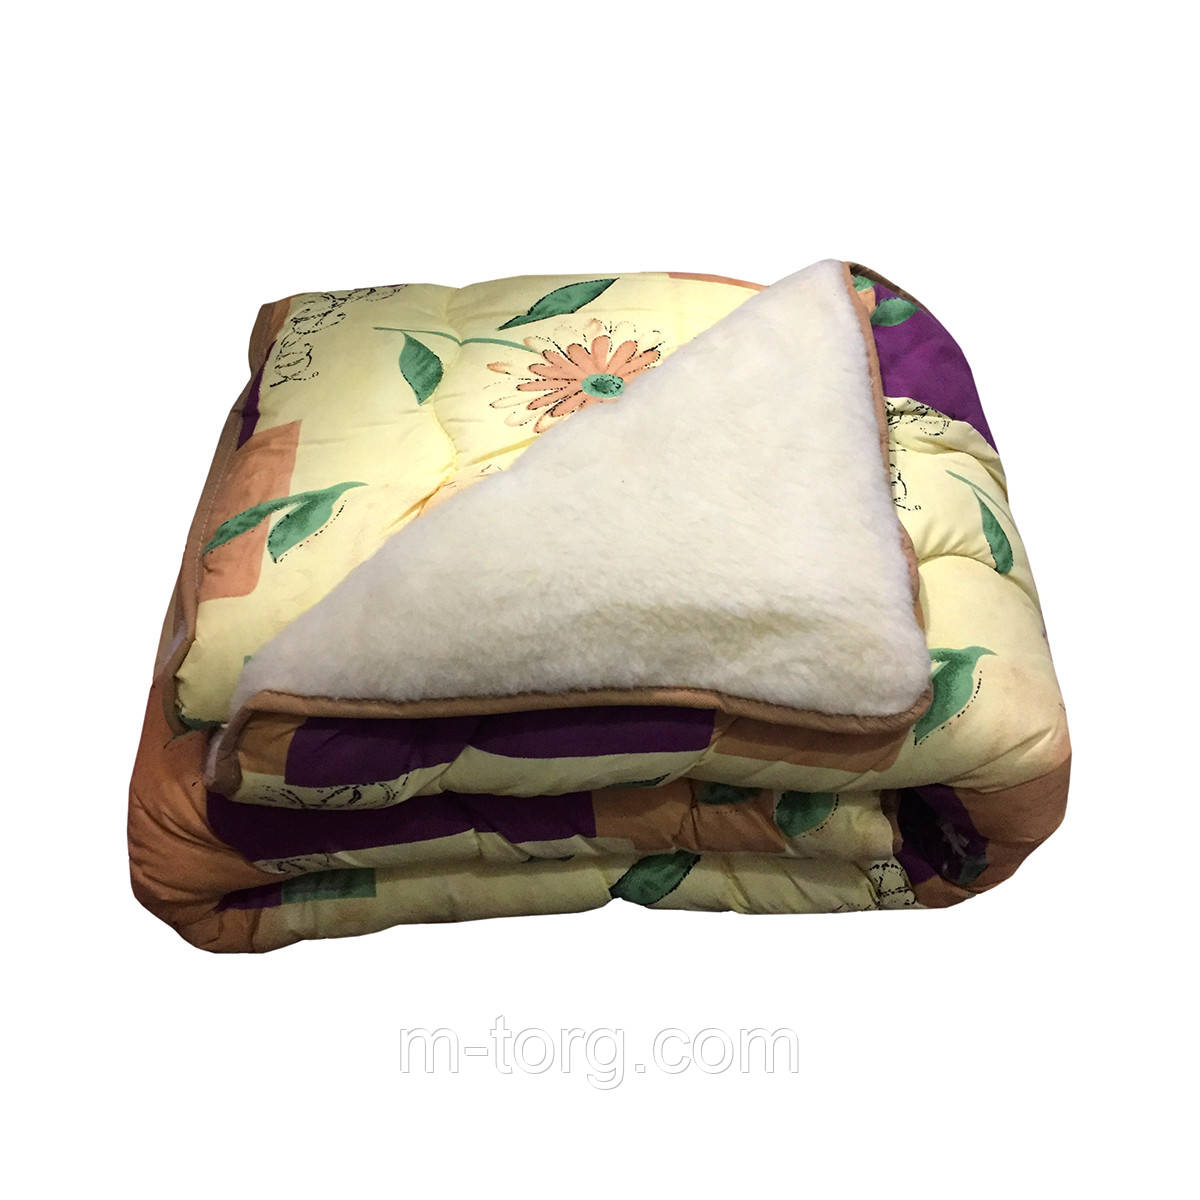 Одеяло овечья шерсть полуторное 145/215,ткань поликотон